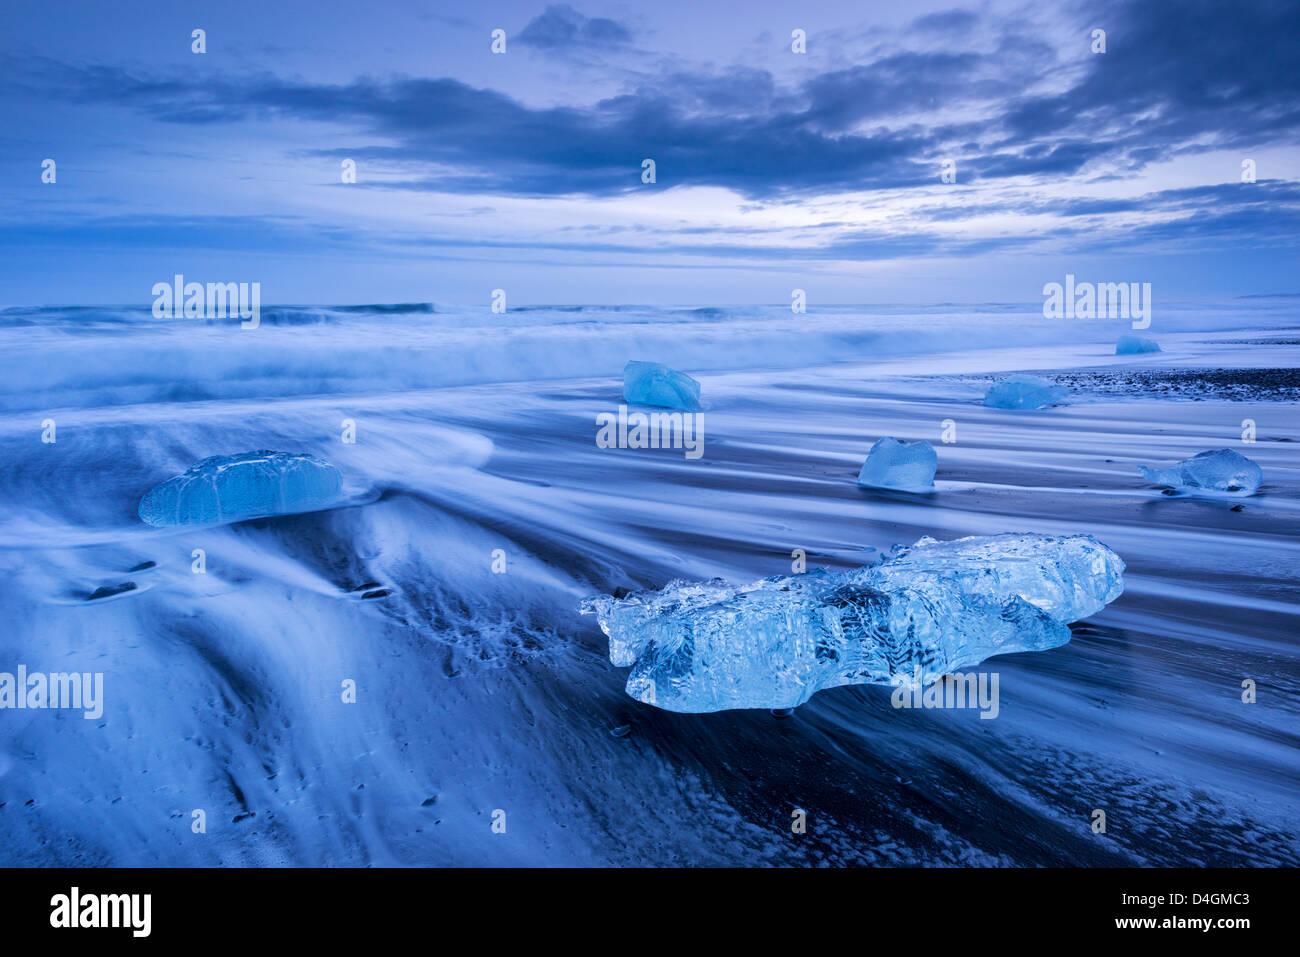 La glace et des vagues sur la plage de Jokulsarlon, le sud de l'Islande. L'hiver (Janvier) 2013. Photo Stock